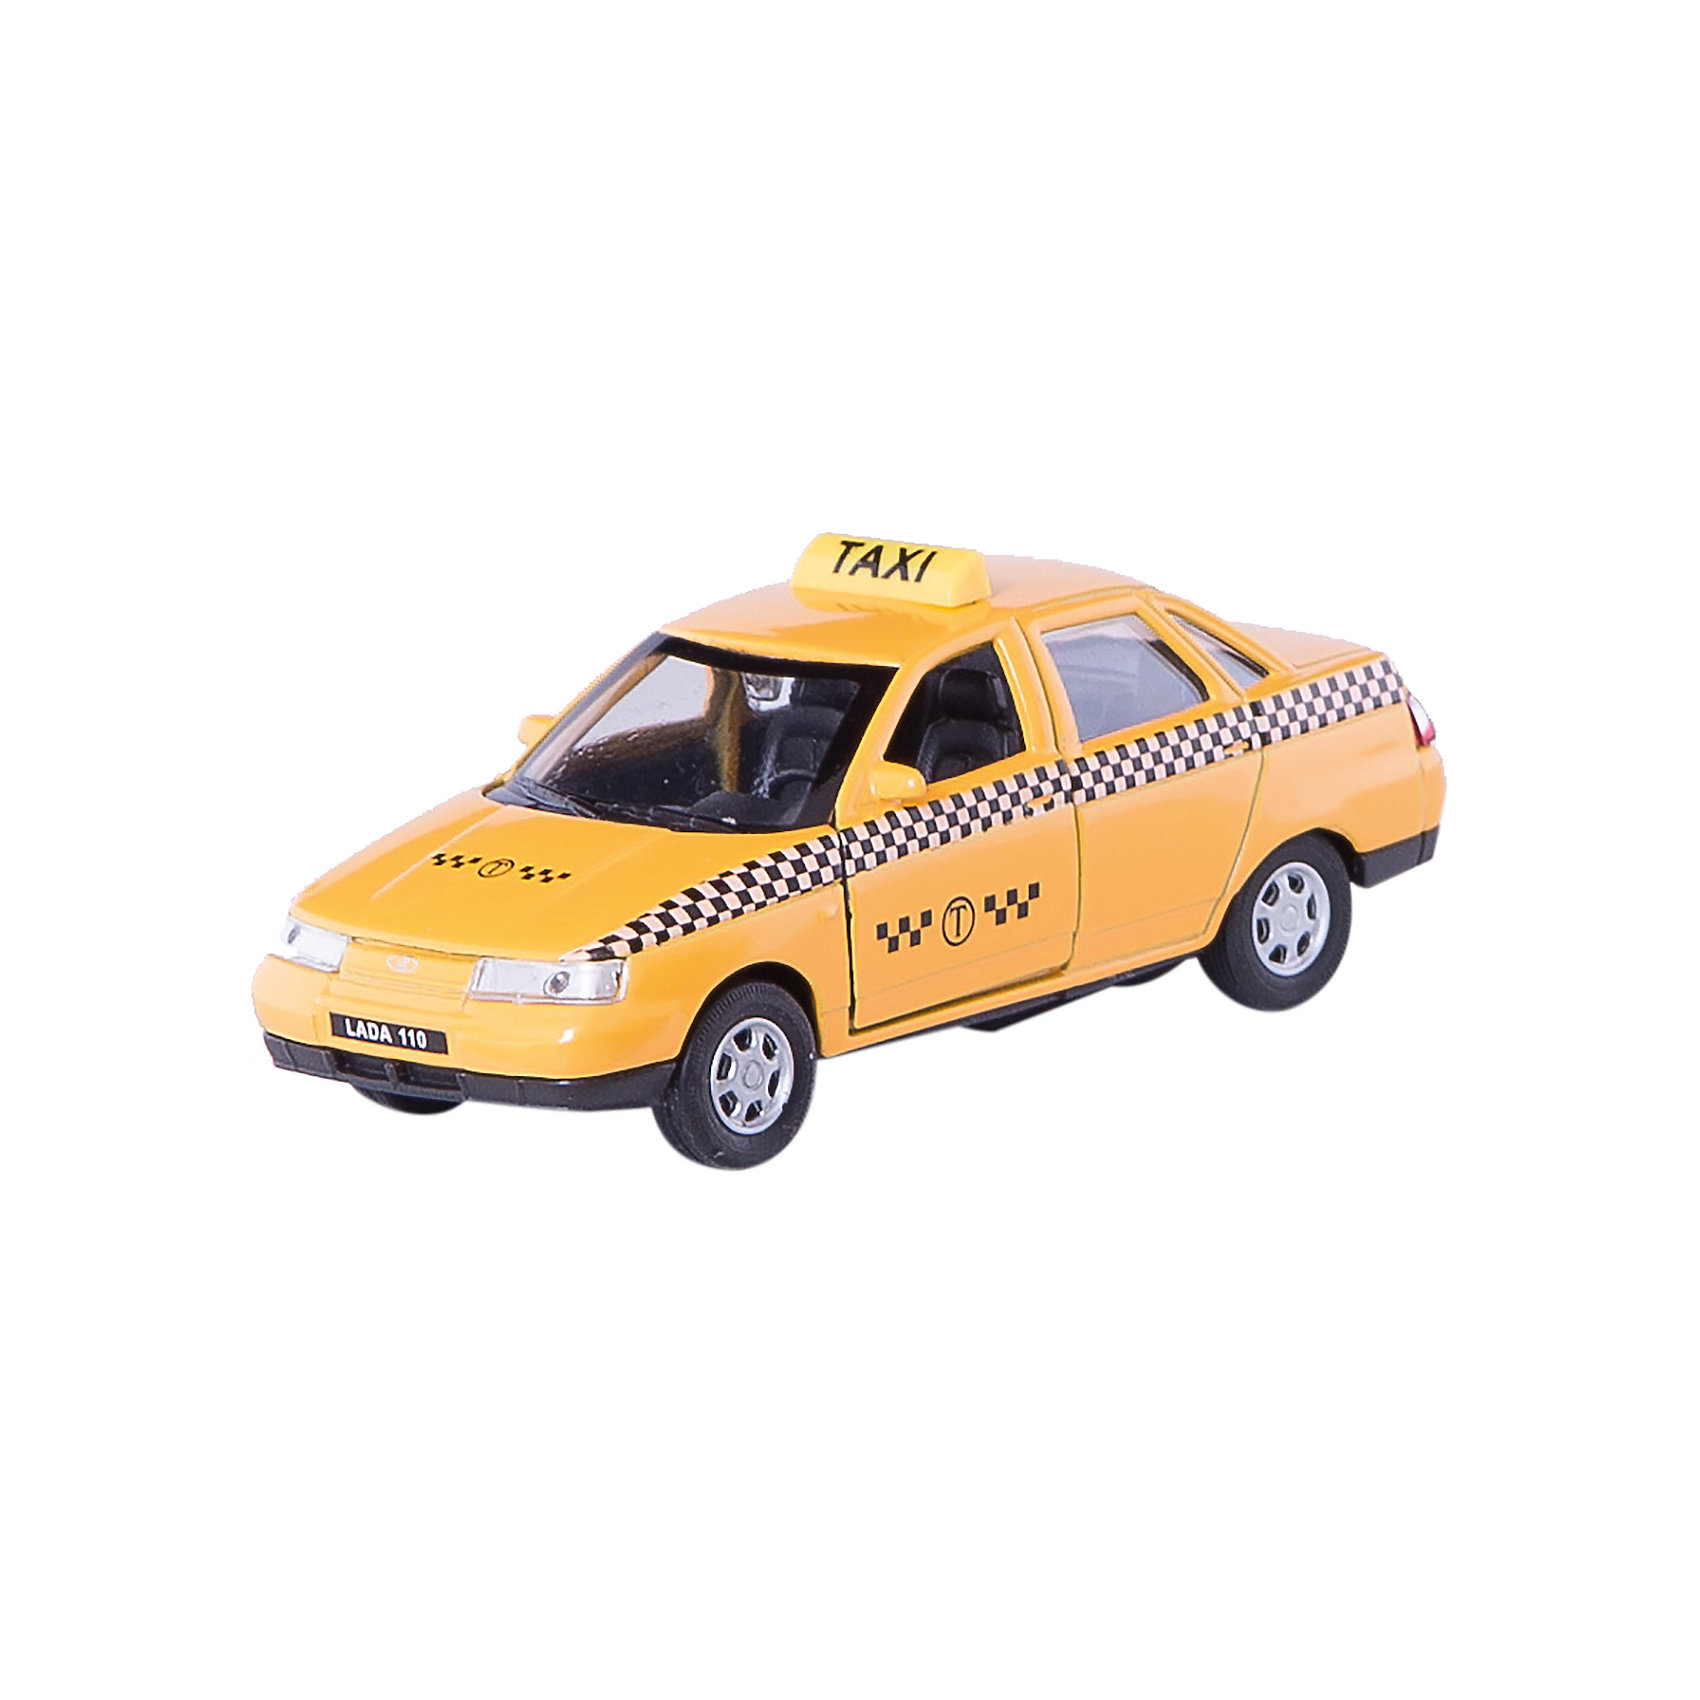 Модель машины 1:34-39 LADA 110 ТАКСИ, WellyКоллекционные модели<br>Коллекционная модель машины  масштаба 1:34-39 LADA 110 ТАКСИ. Функции: открываются передние двери, инерционный механизм.<br>Цвет кузова автомобиля представлен в ассортименте. Выбрать определенный цвет заранее не представляется возможным.<br><br>Ширина мм: 60<br>Глубина мм: 110<br>Высота мм: 150<br>Вес г: 161<br>Возраст от месяцев: 36<br>Возраст до месяцев: 192<br>Пол: Мужской<br>Возраст: Детский<br>SKU: 4966518